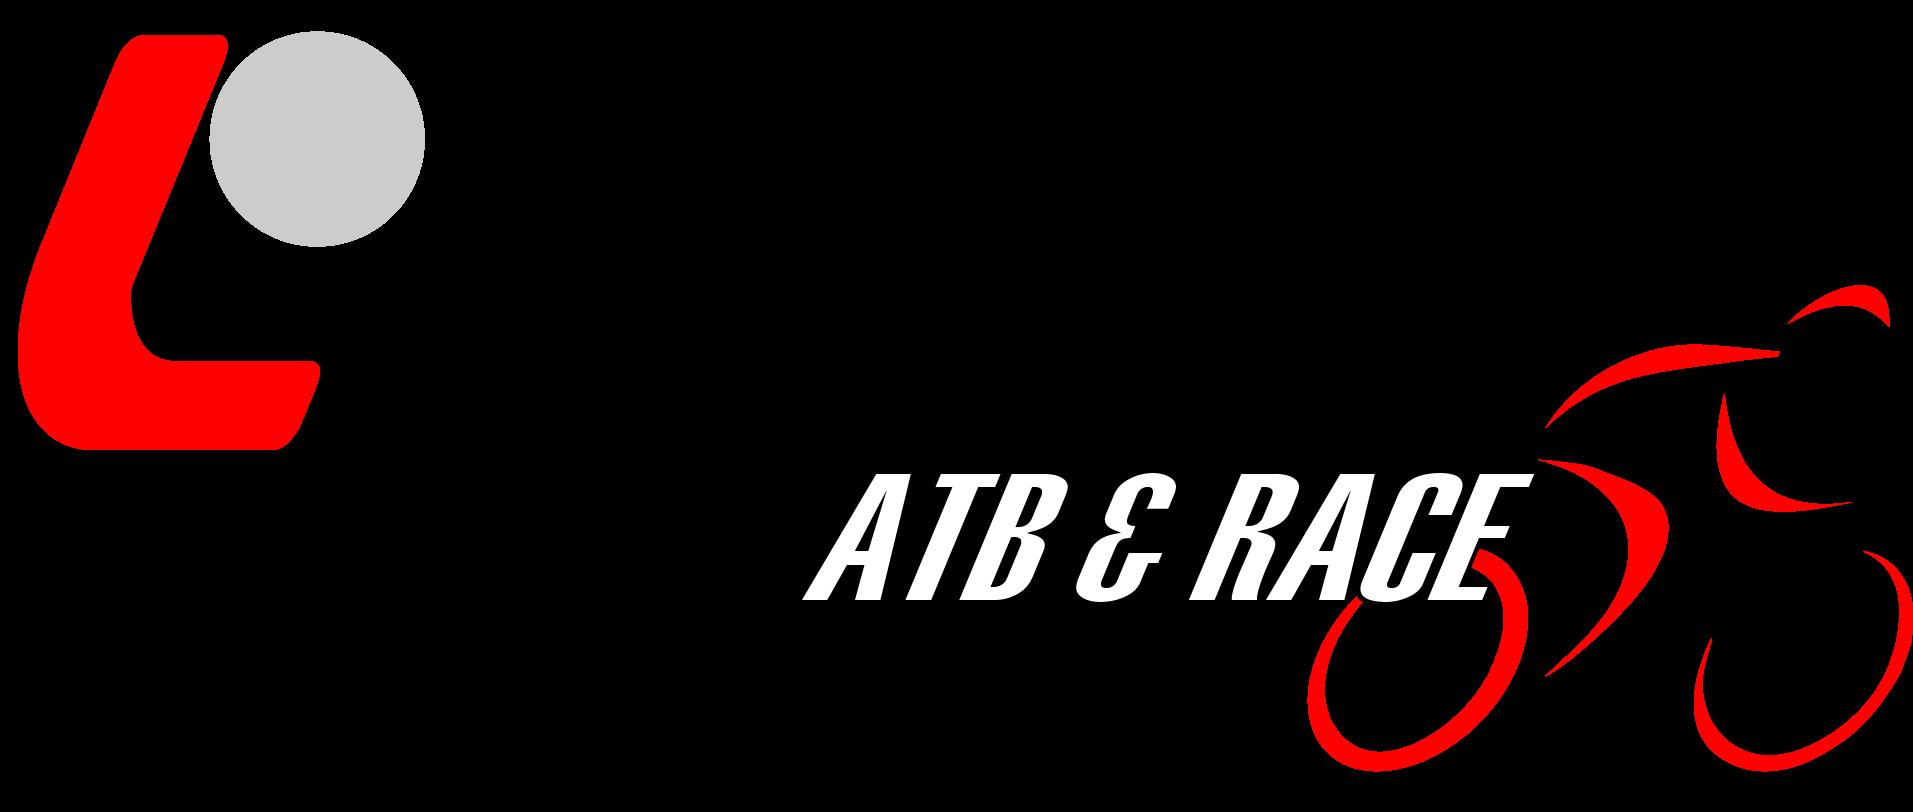 Leidraad ATB & Race